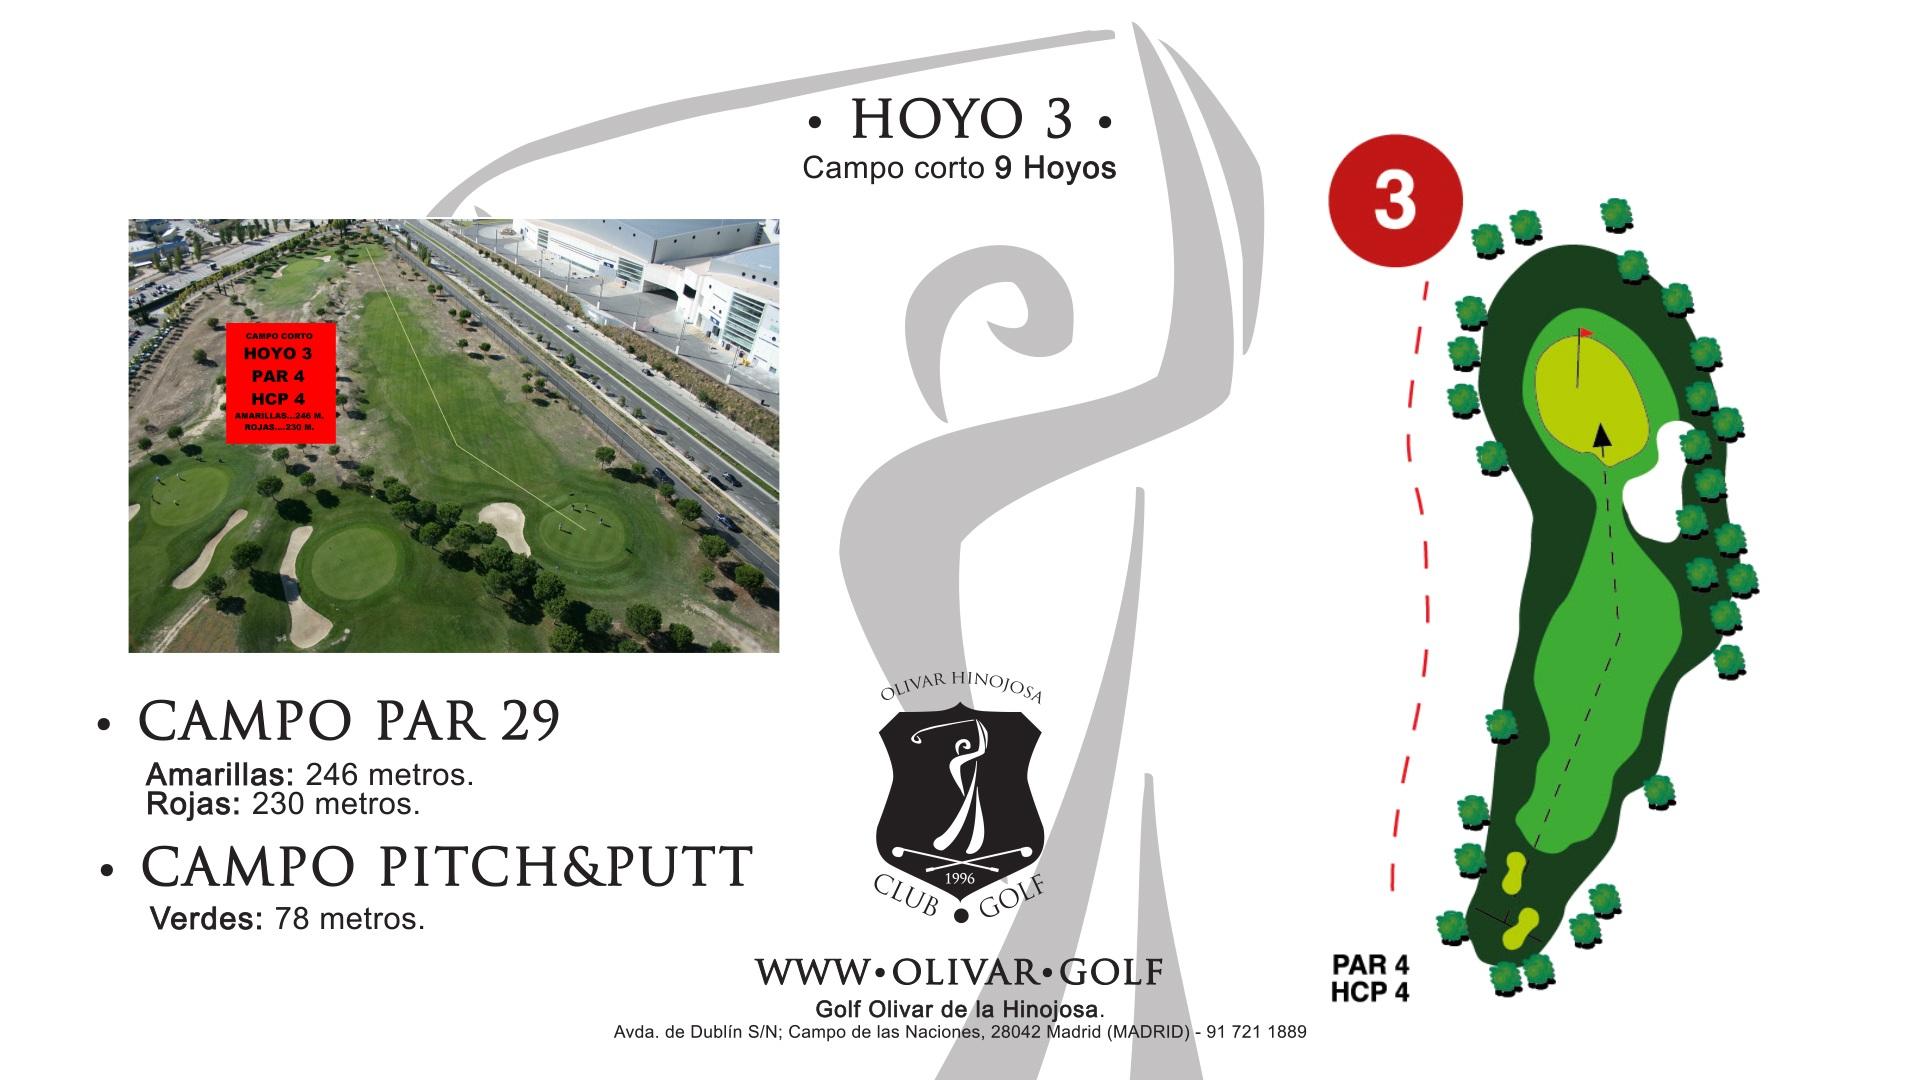 Hoyo 3 Olivar de la Hinojosa